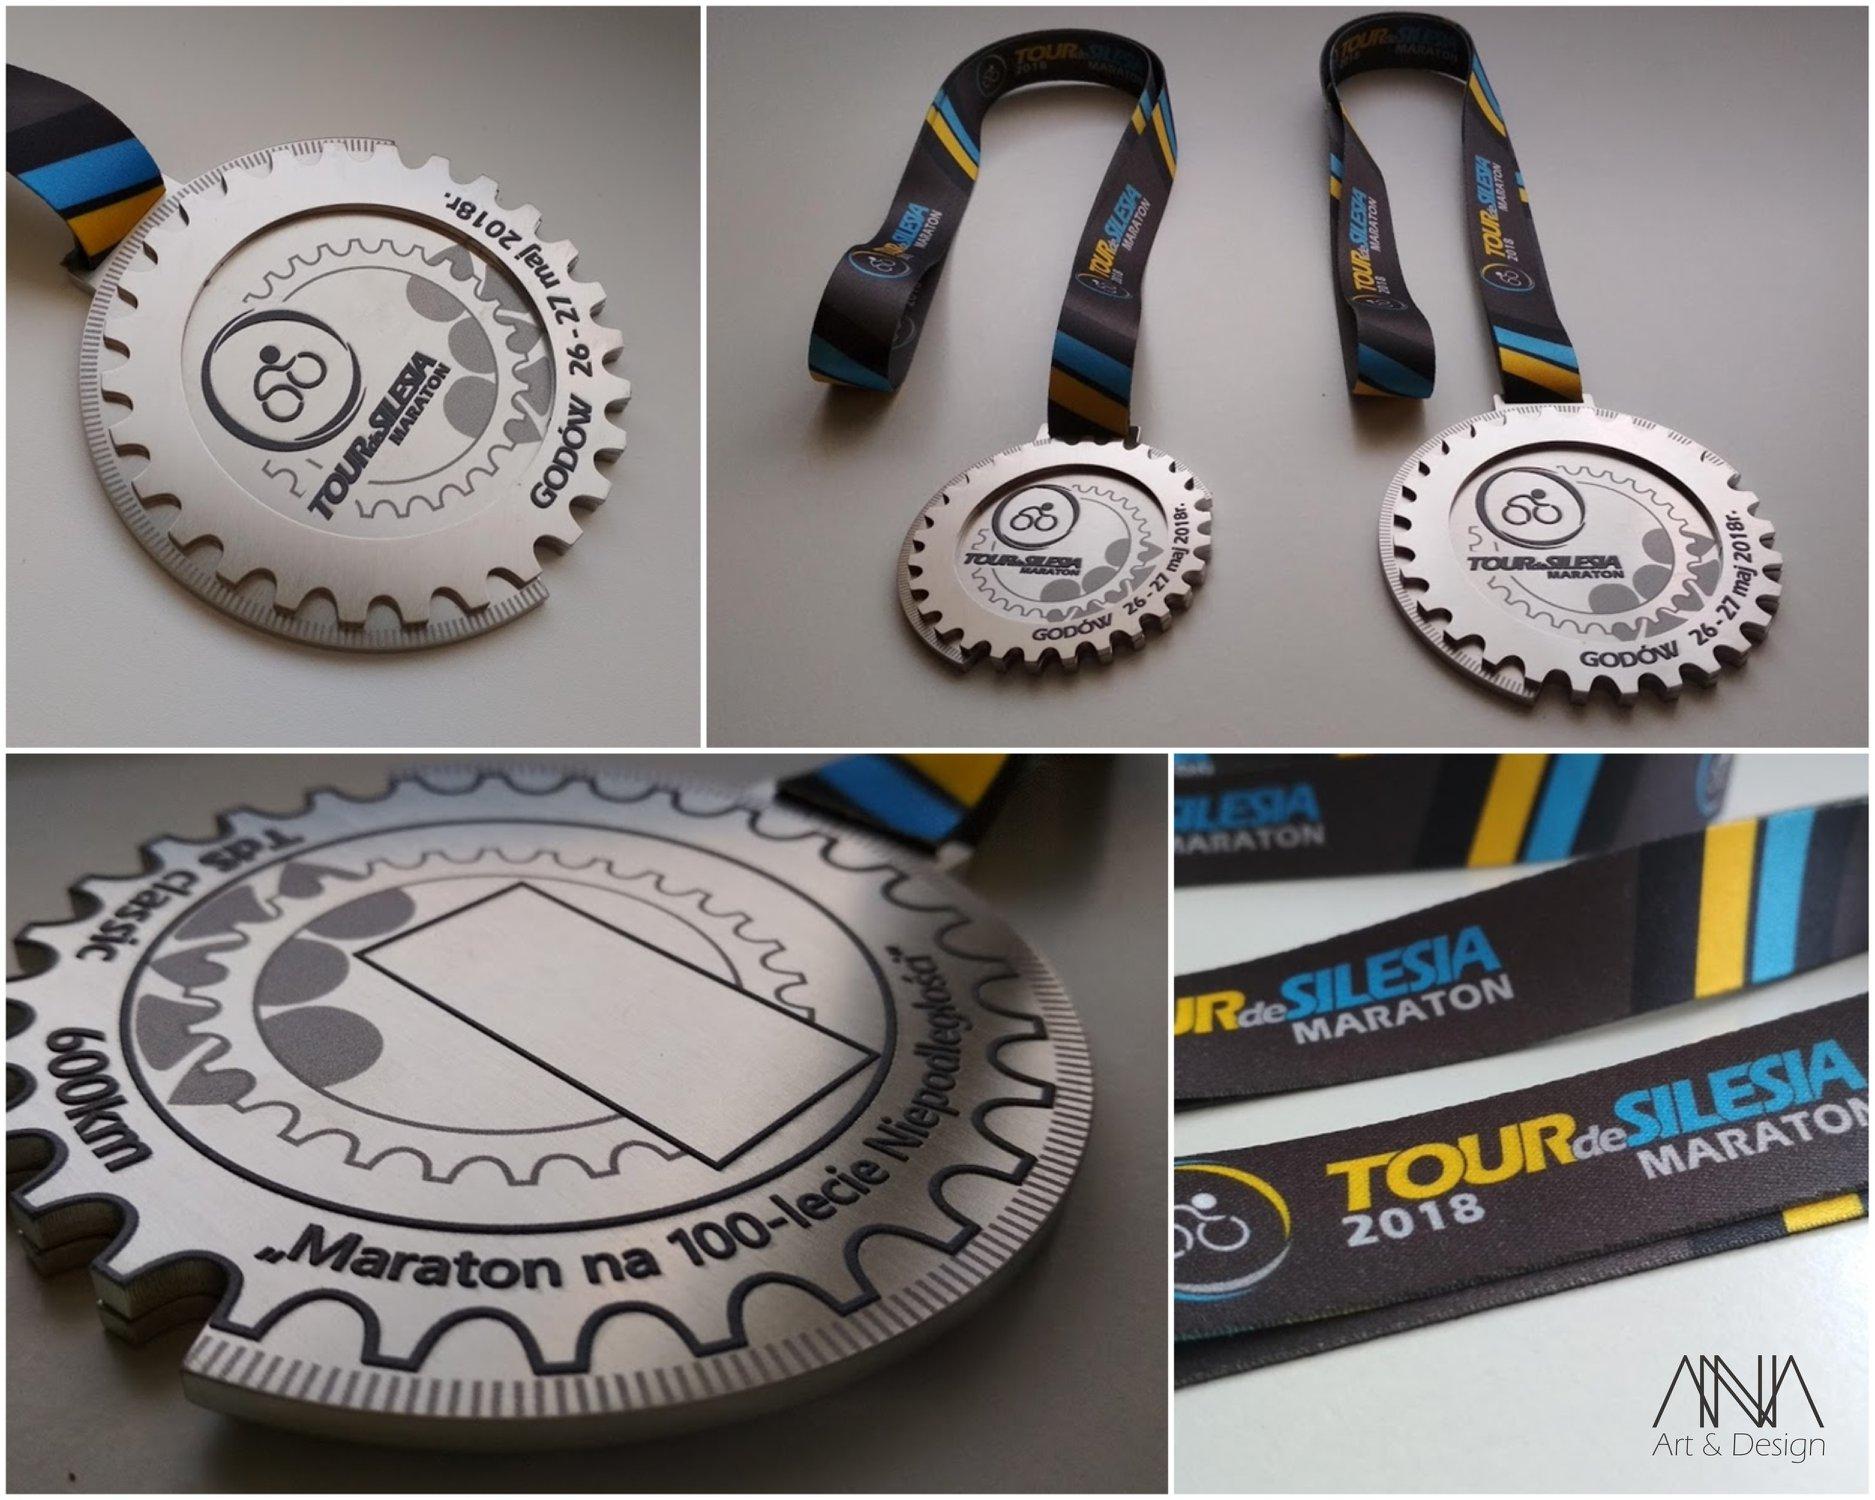 medal Tour de Silesia 2017